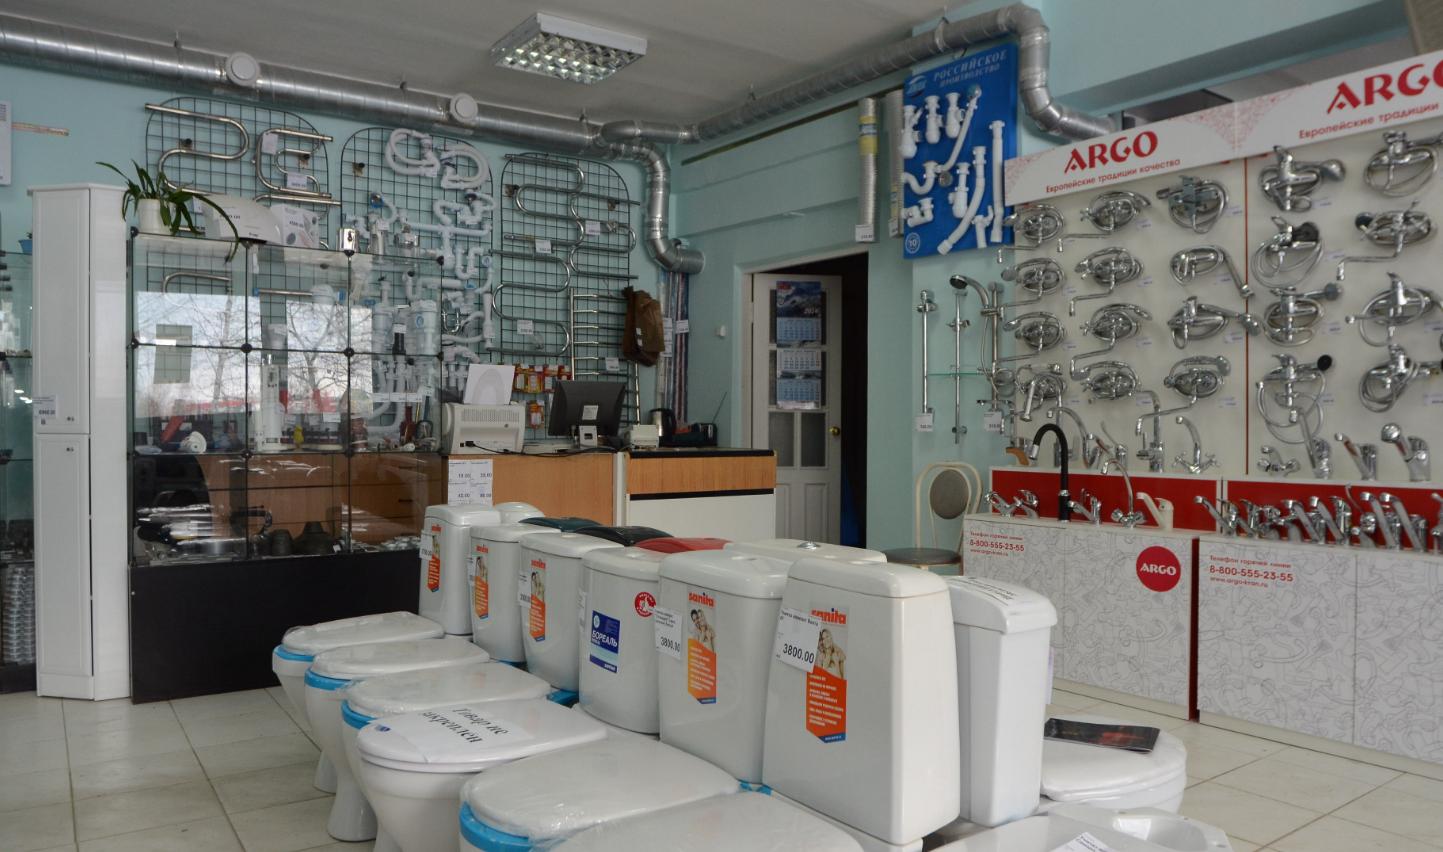 Как организовать бизнес по открытию магазина сантехники